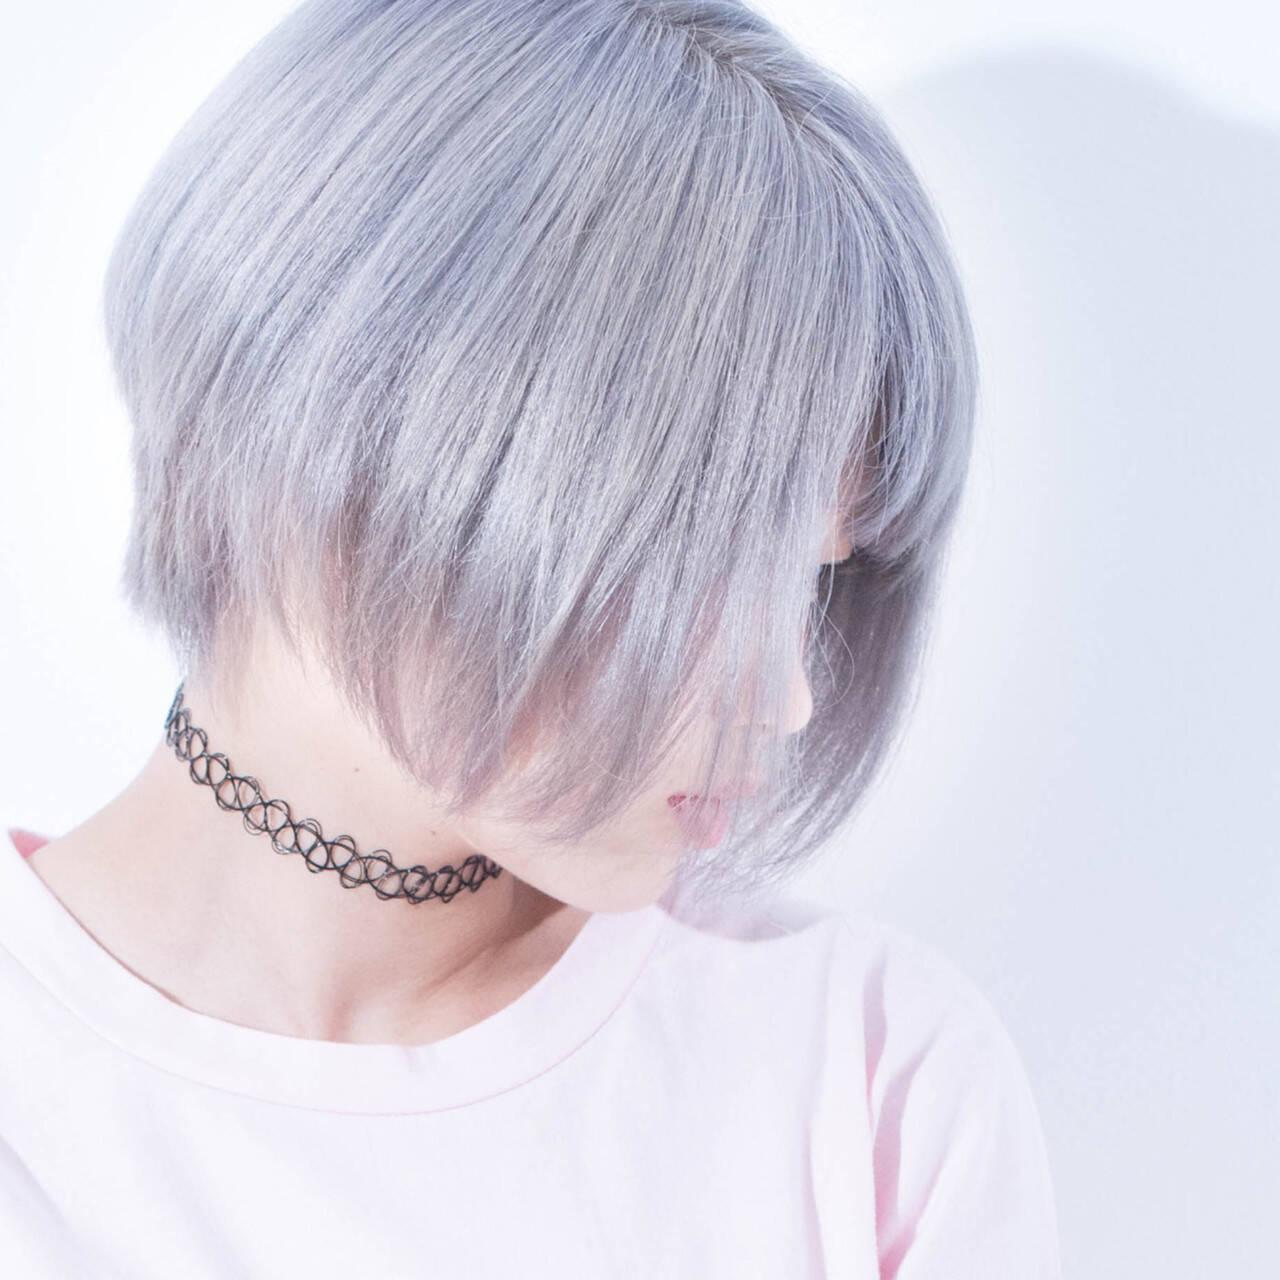 シルバーアッシュ ショートボブ ホワイトアッシュ ダブルカラーヘアスタイルや髪型の写真・画像